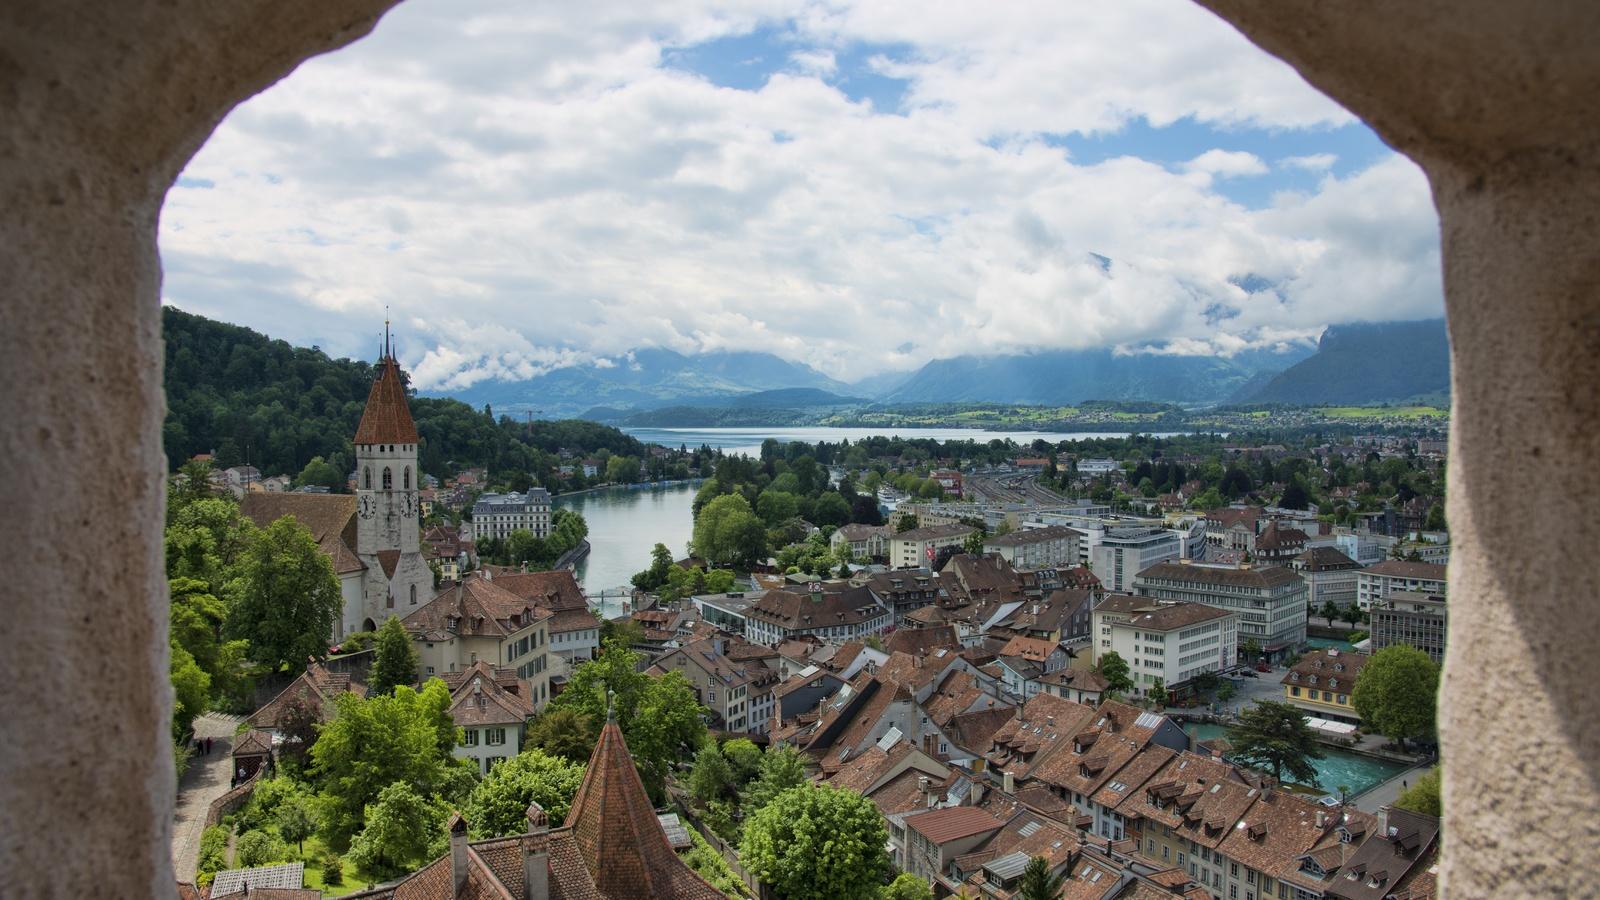 швейцария, дома, озеро, tun, tun, lake, окно, город